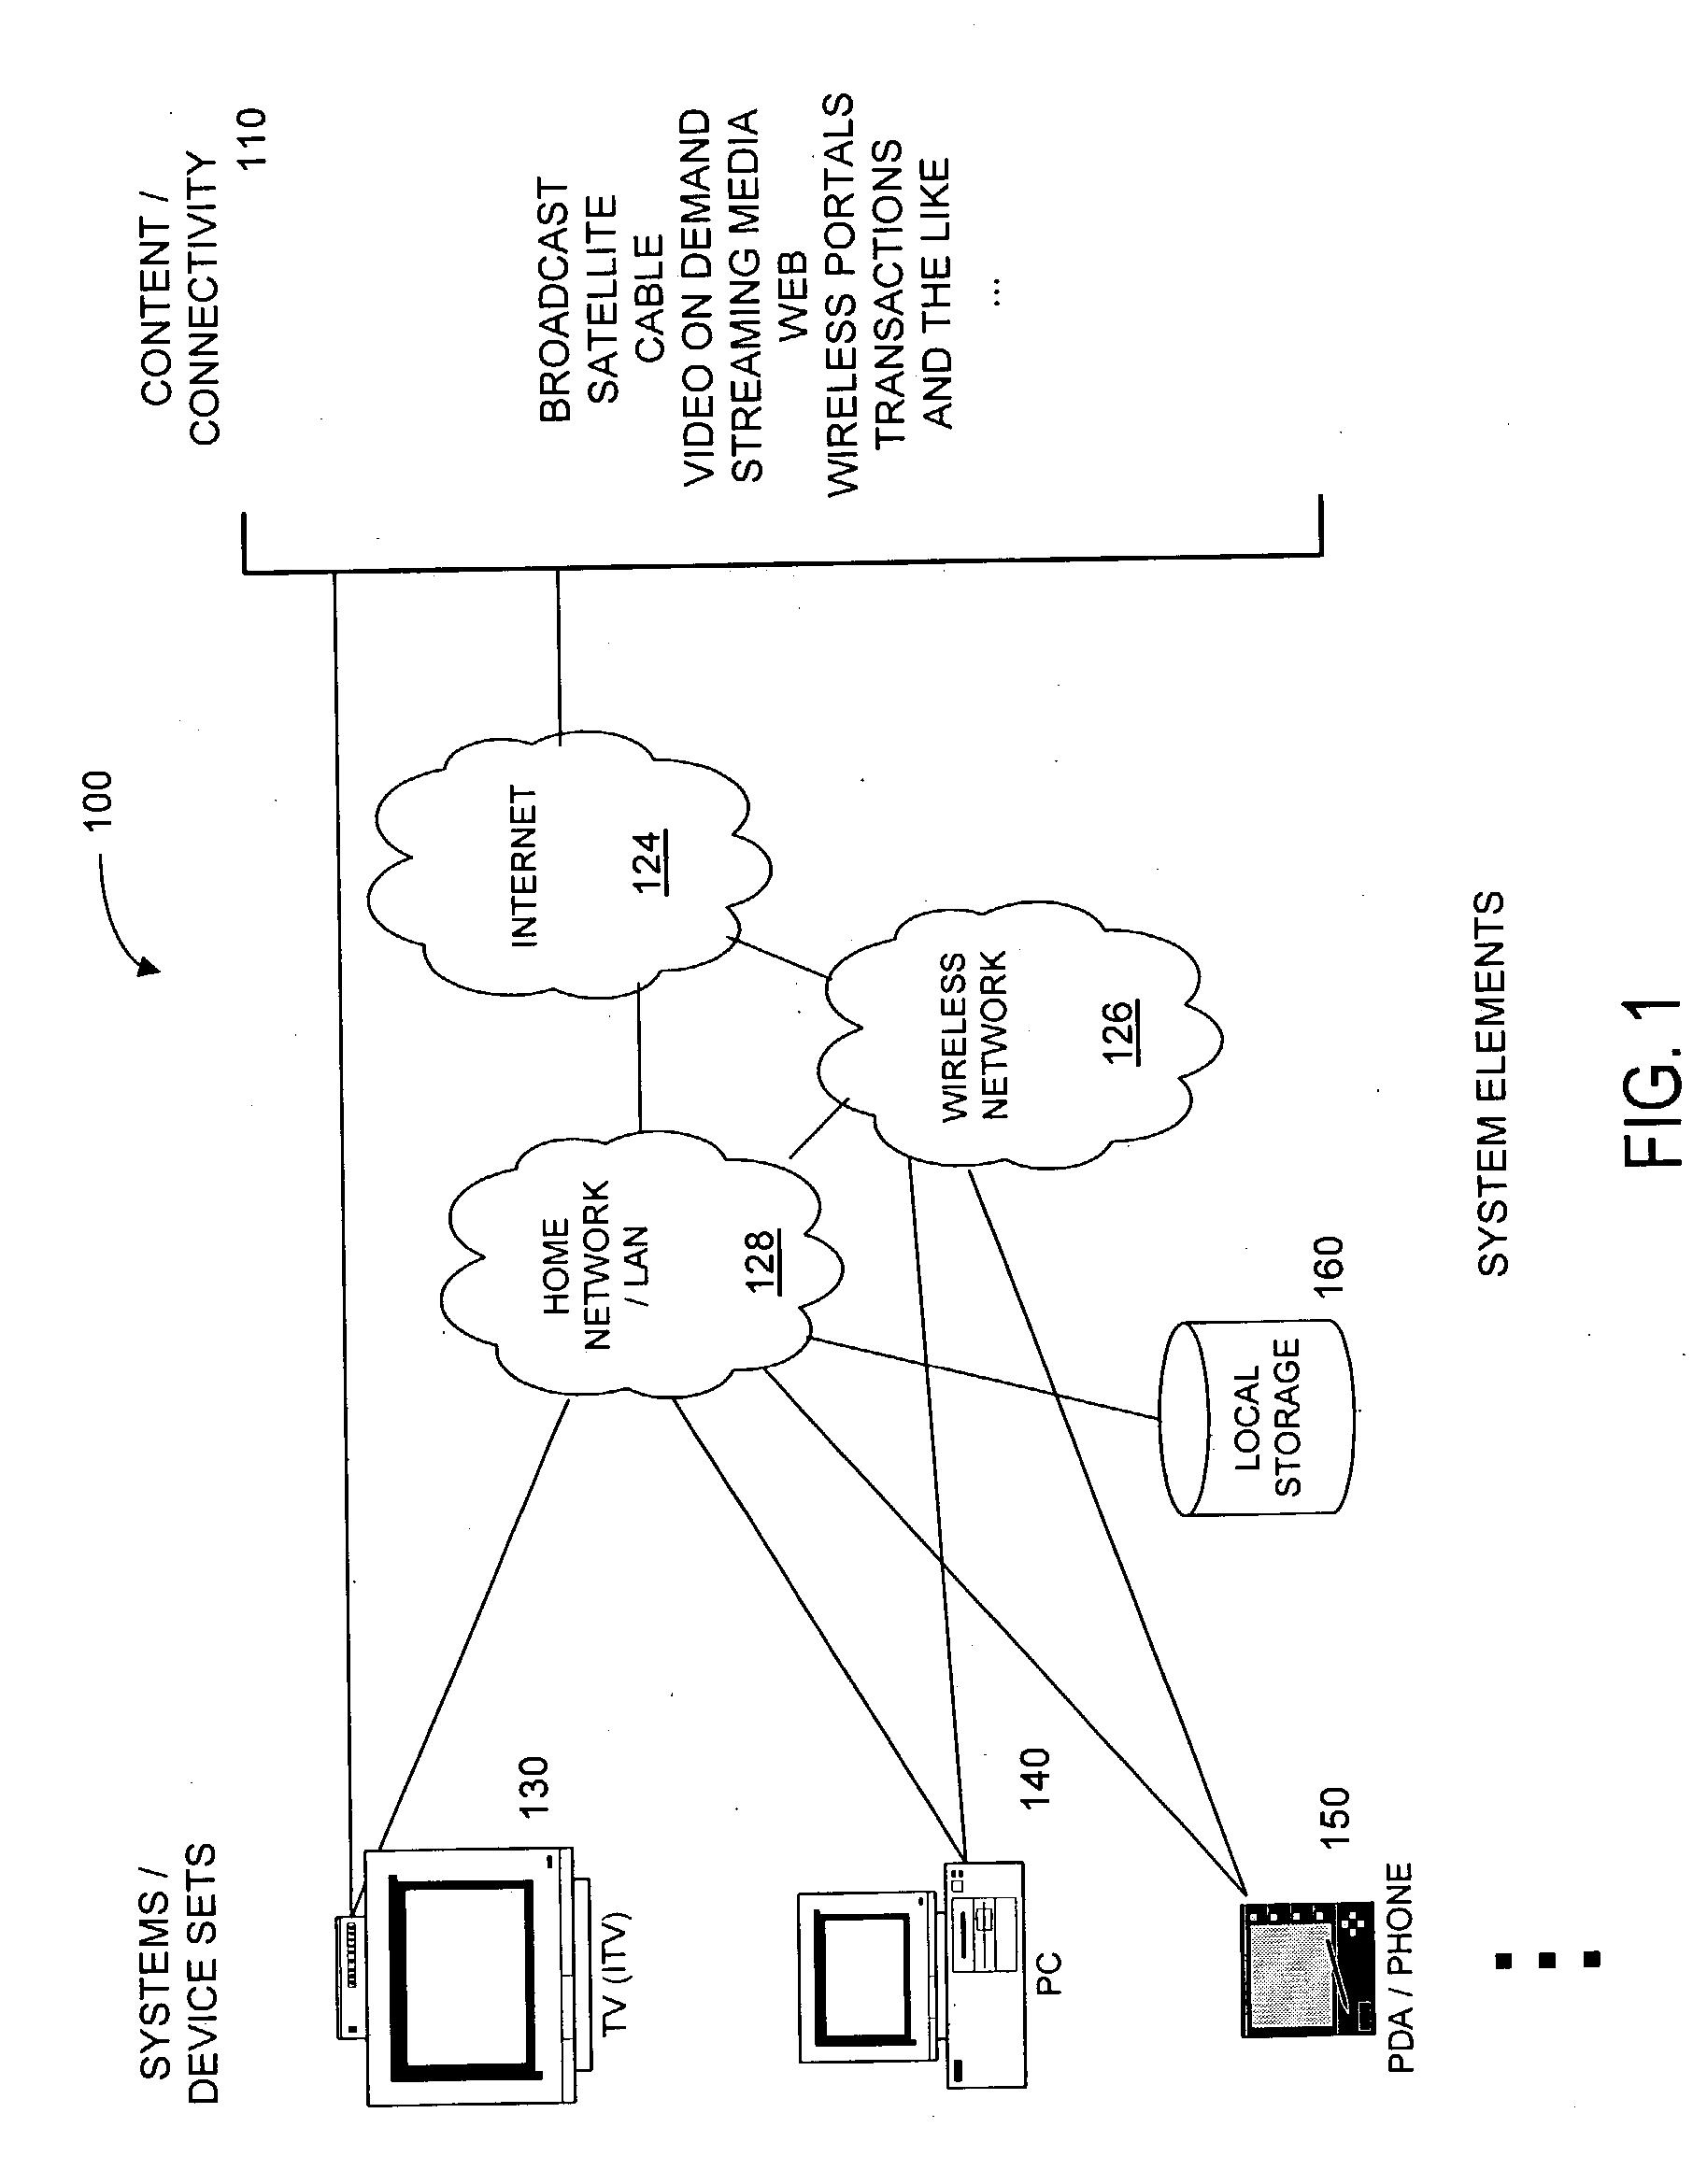 Sonar Wiring Diagrams Auto Electrical Diagram